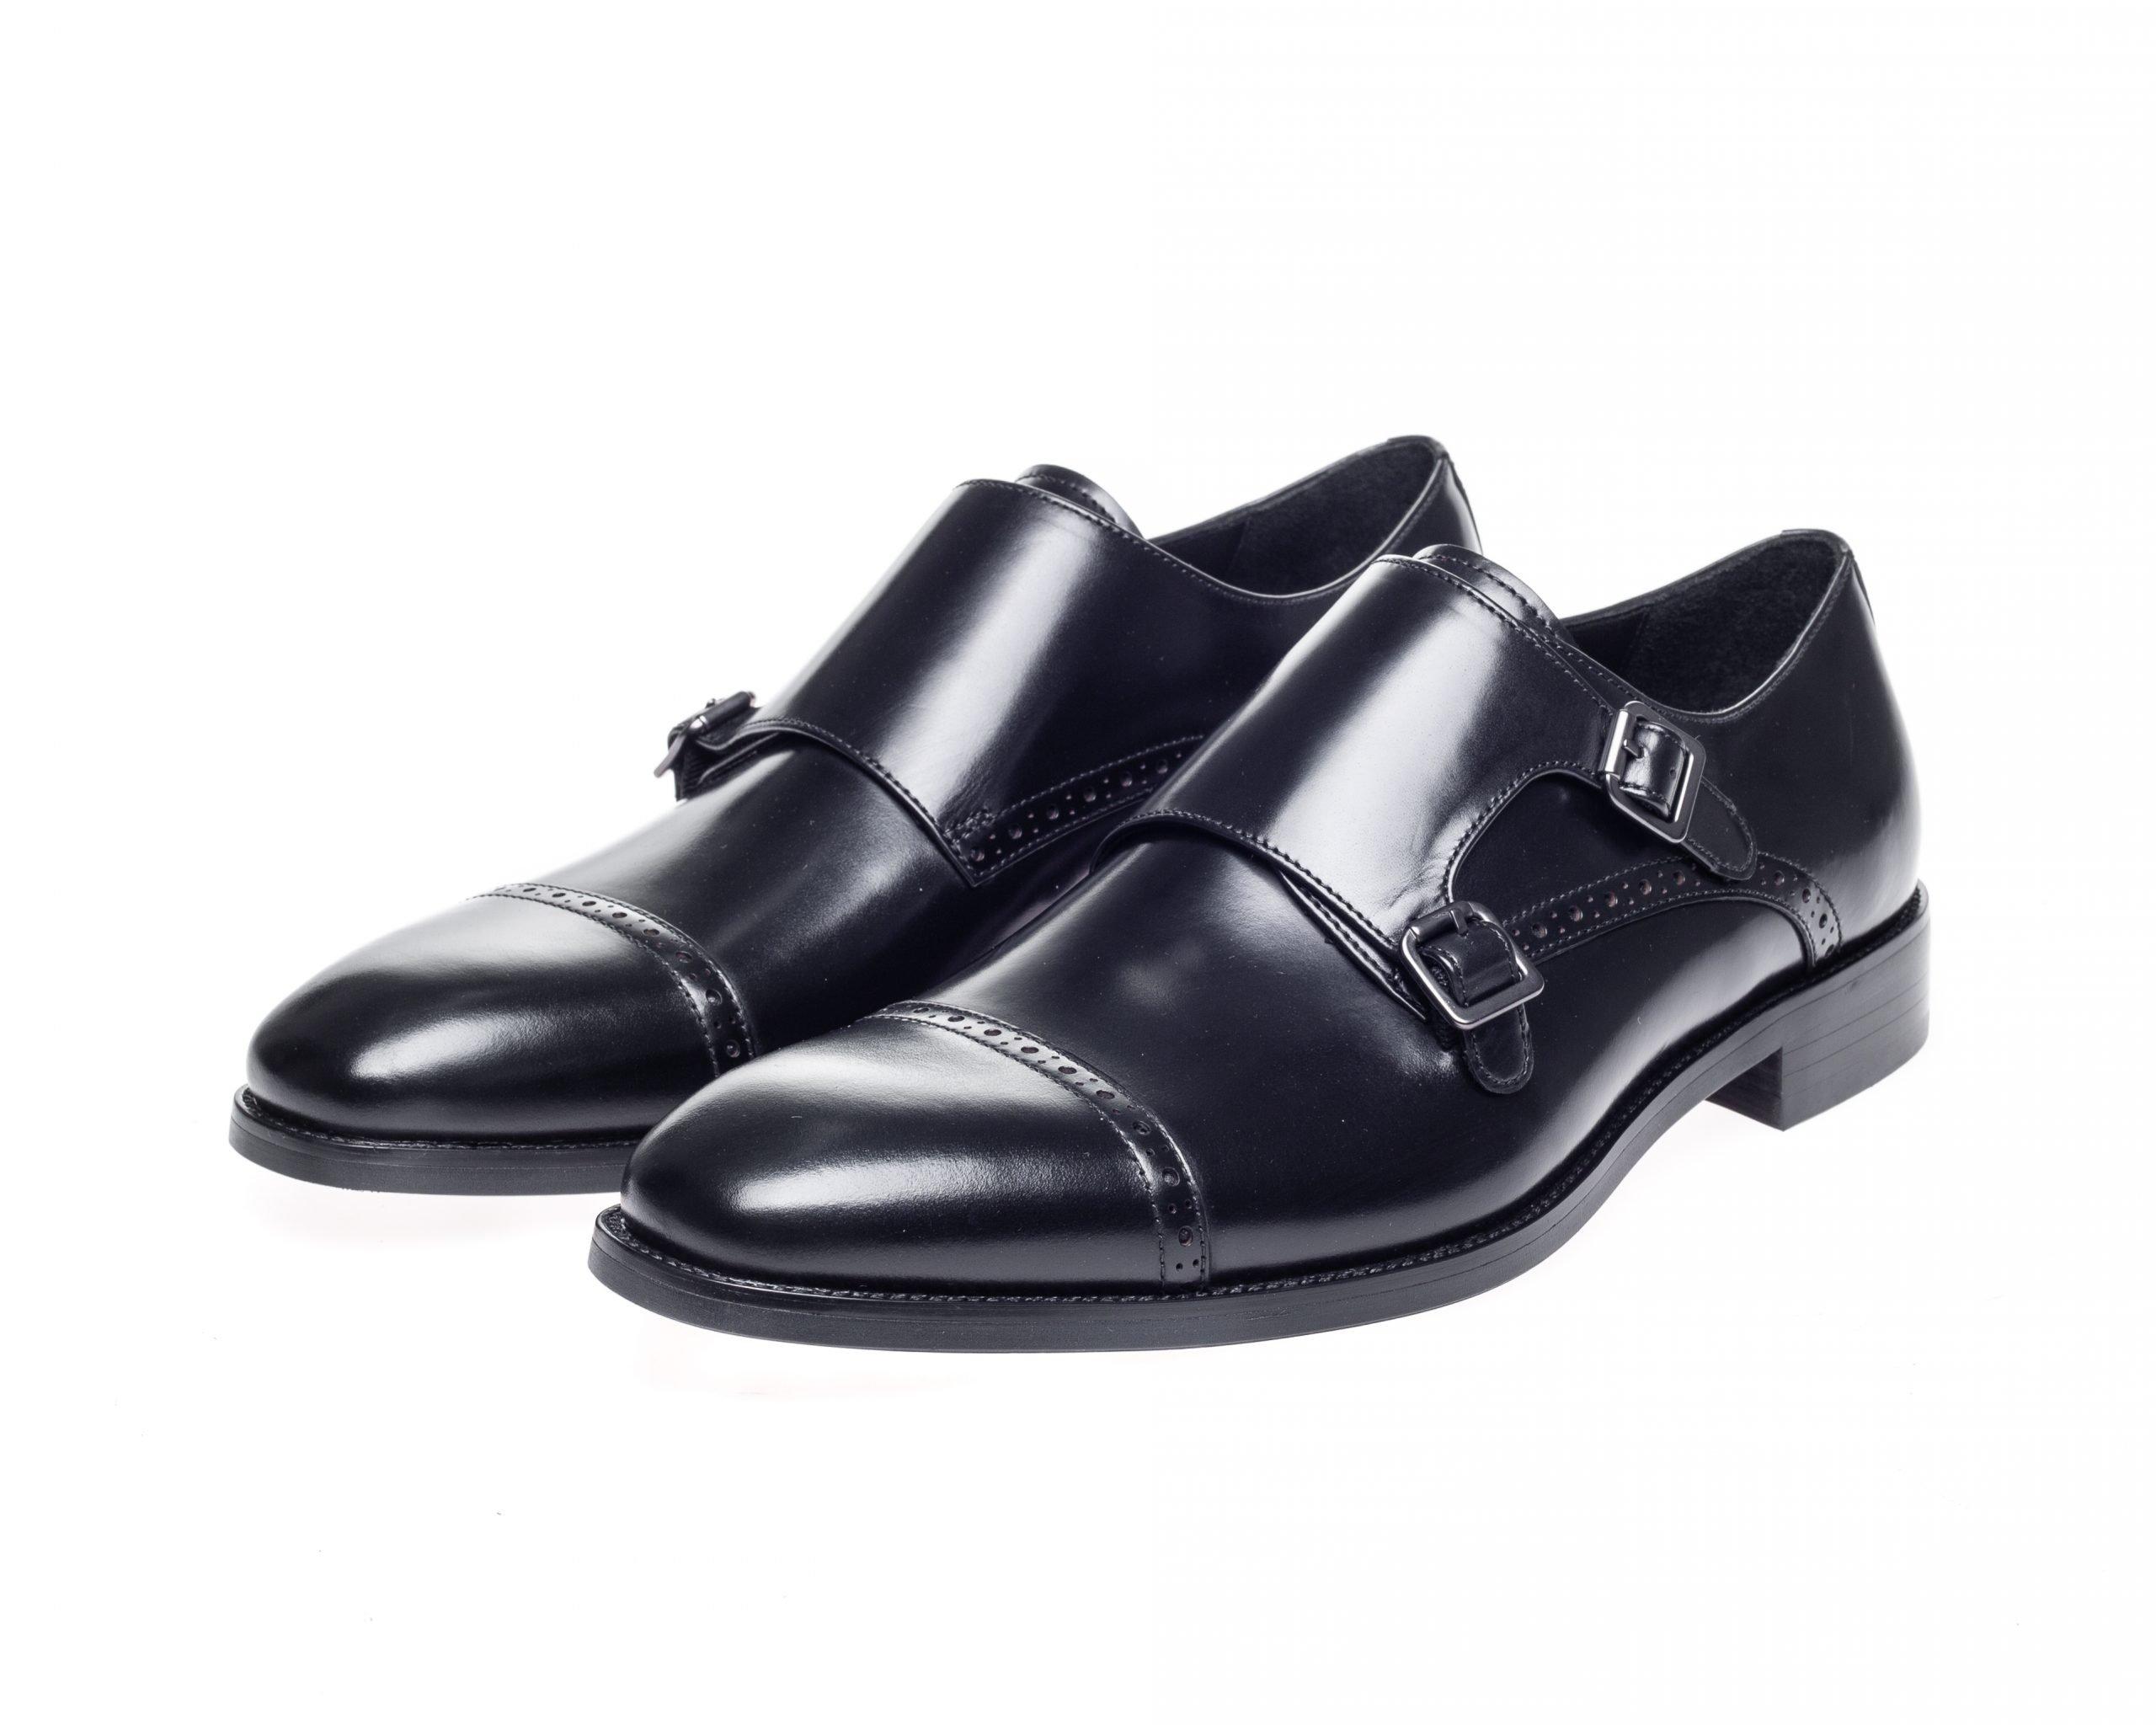 Alderney Black Double Monk Shoes - John